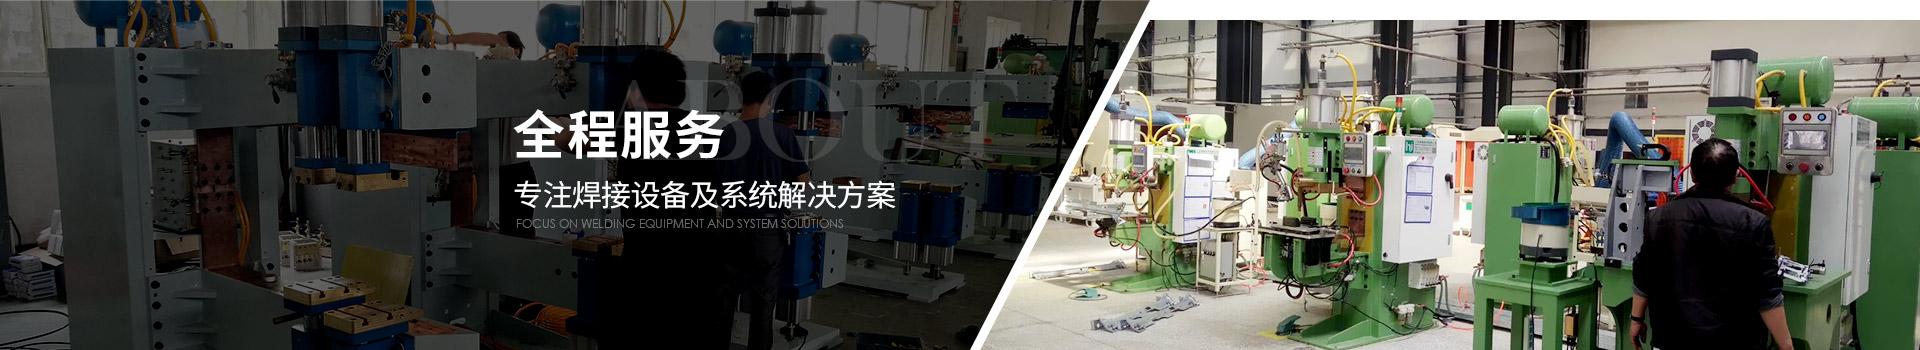 恒源达专注焊接设备及系统解决方案